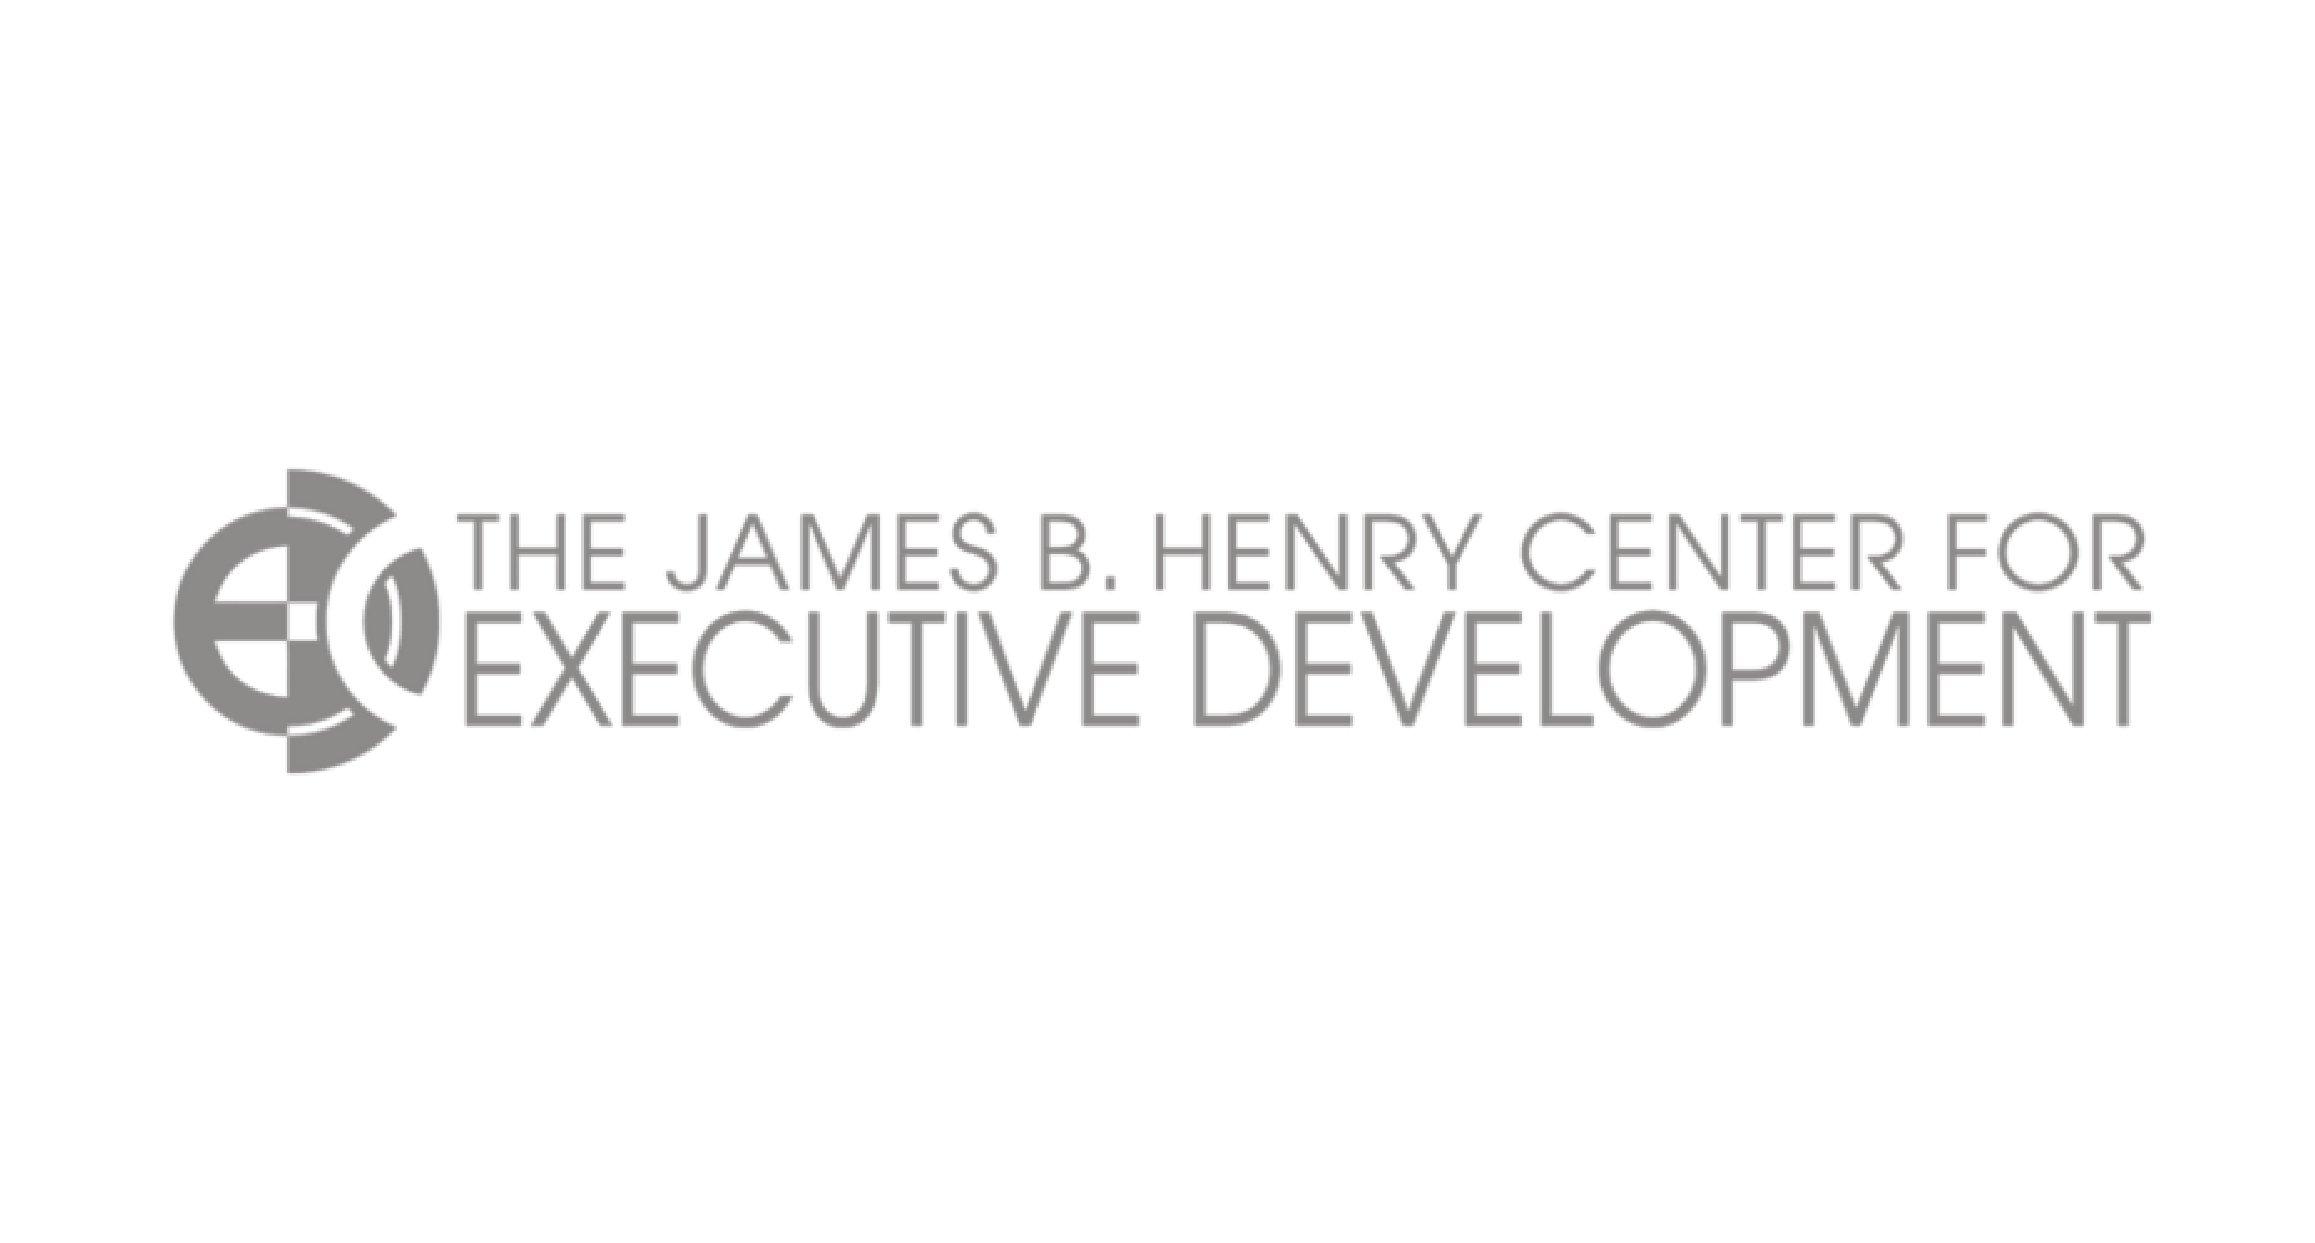 henry center